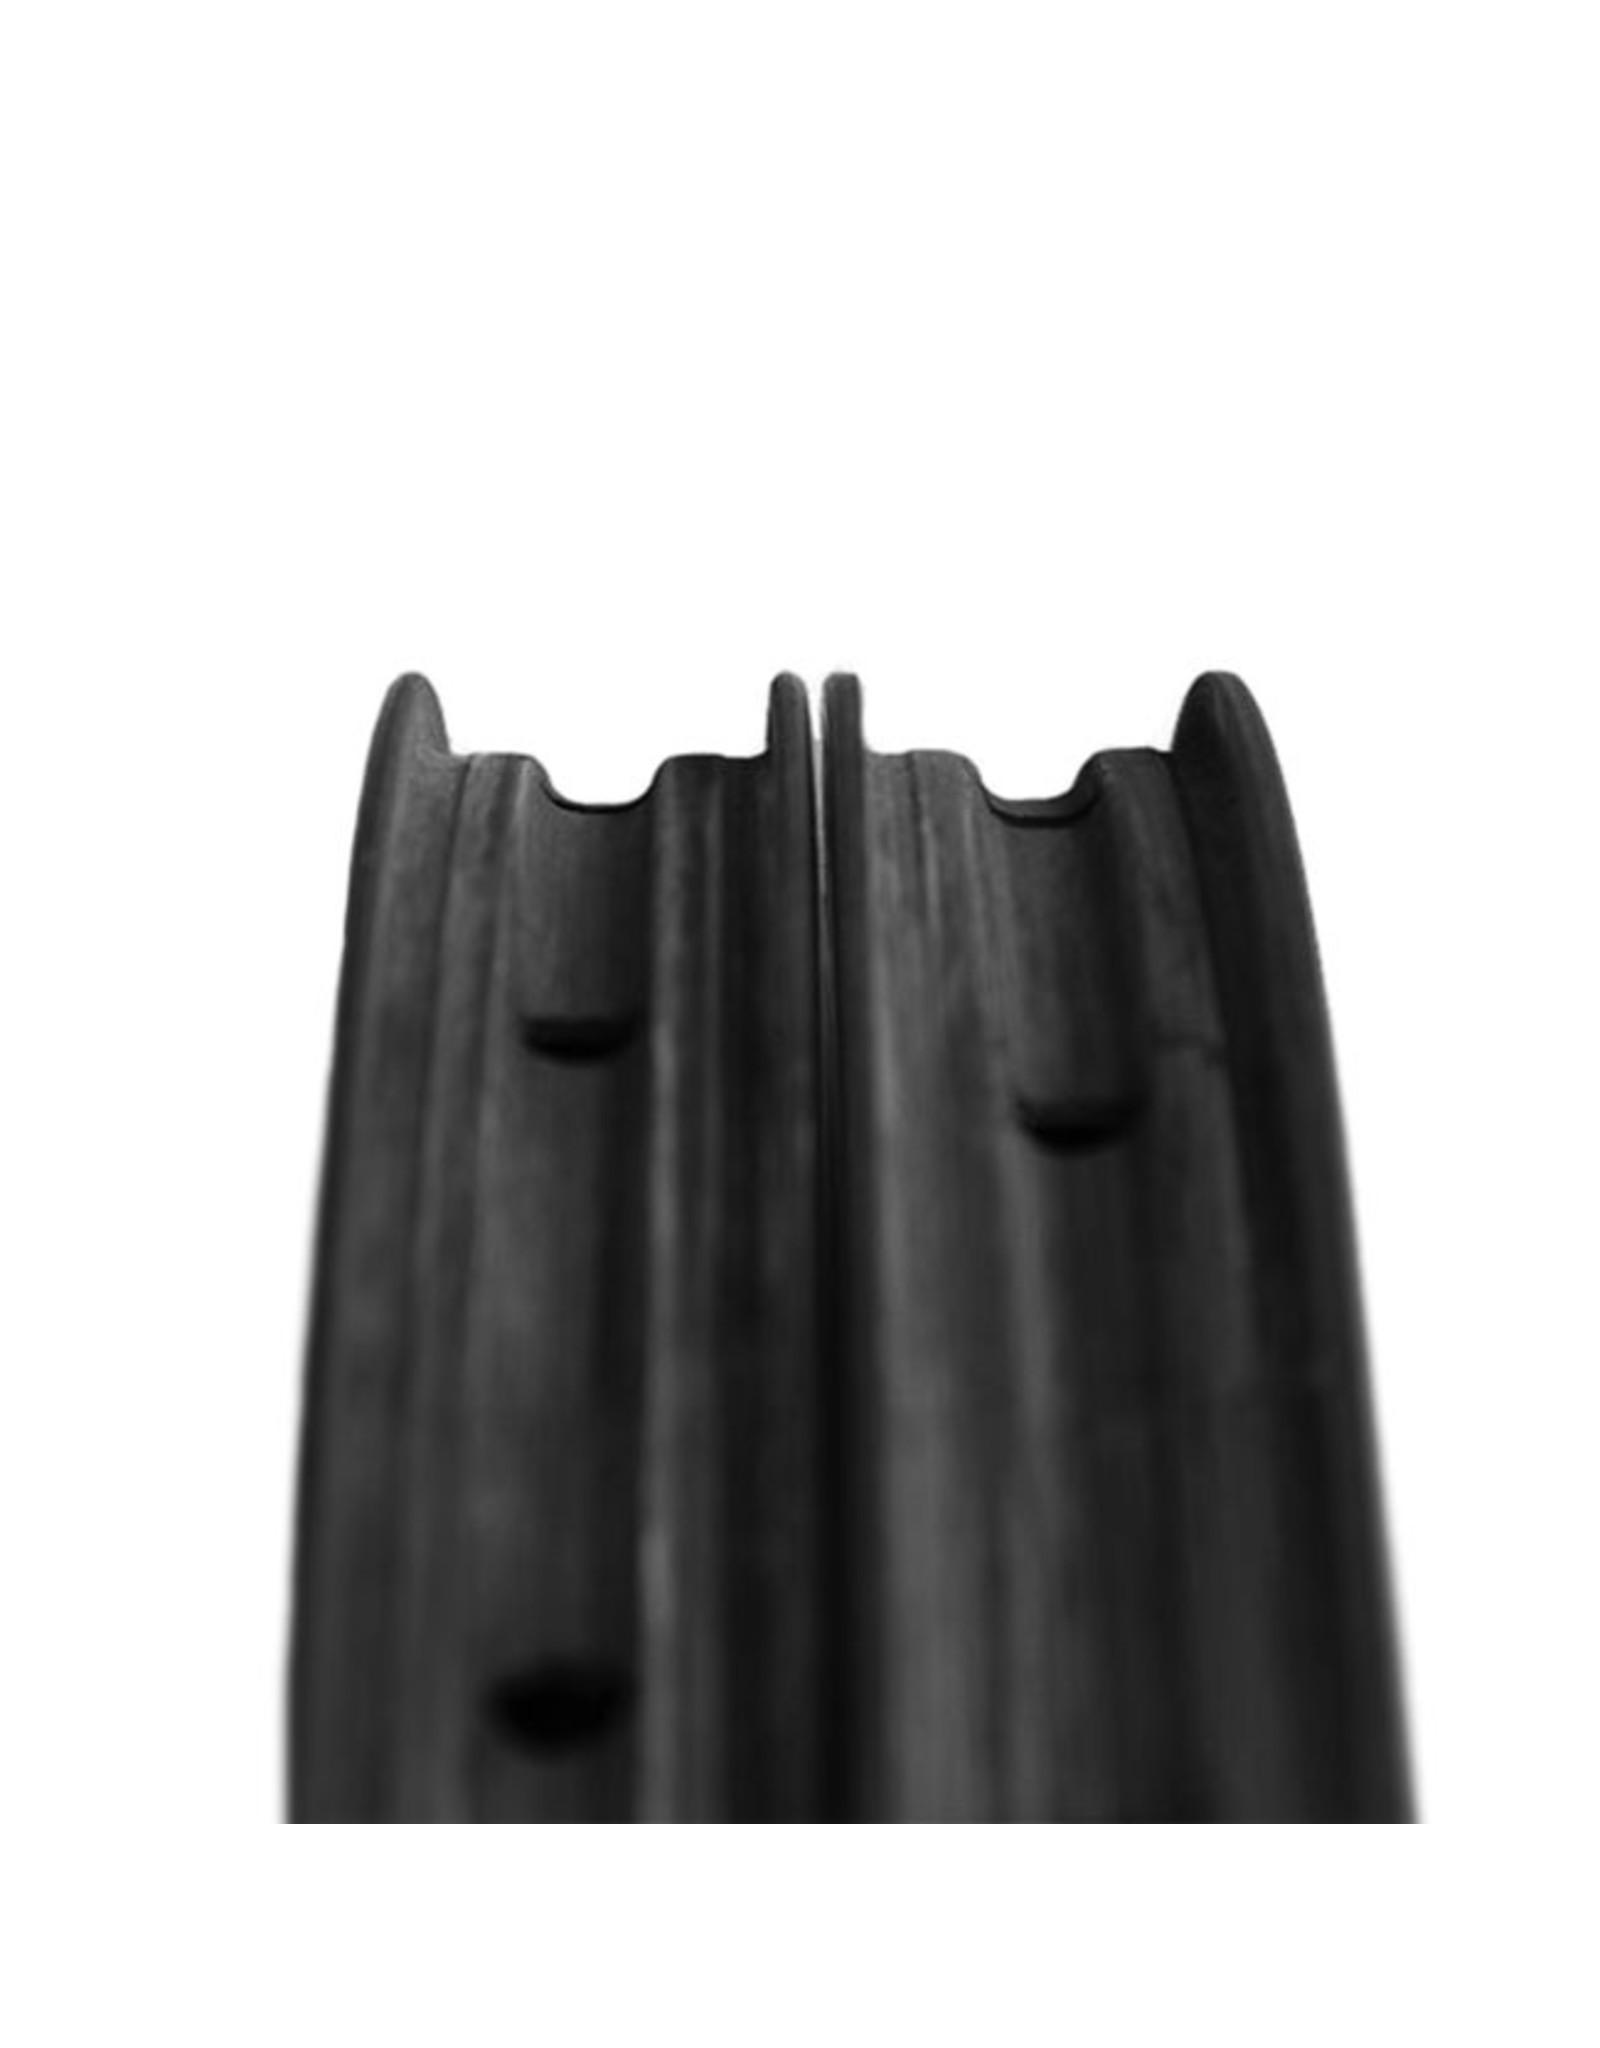 ENVE Composites ENVE 4.5 AR Carbon Clincher Rims